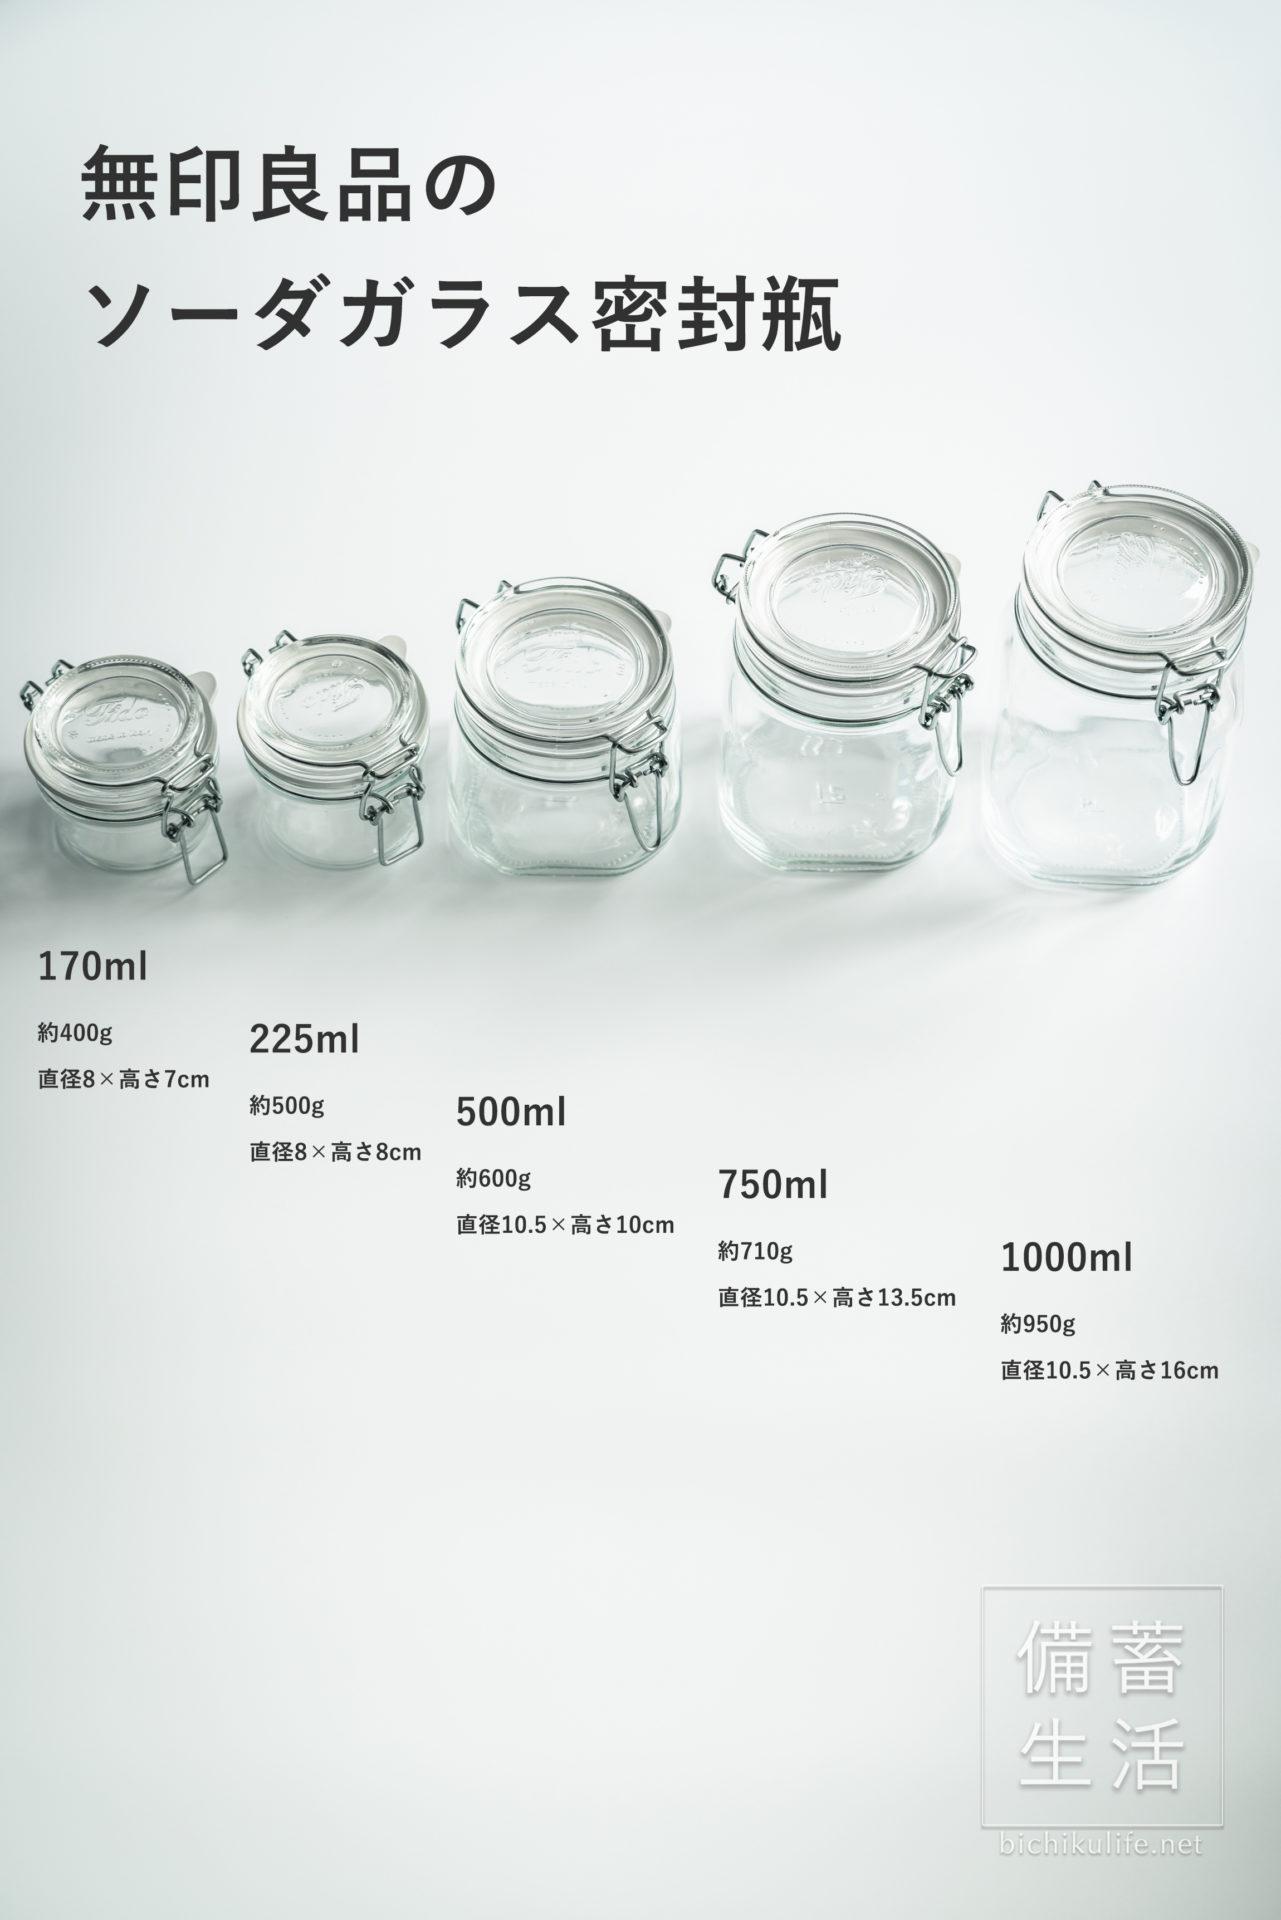 無印良品 ソーダガラス密封ビンの5種類サイズ・容量比較表